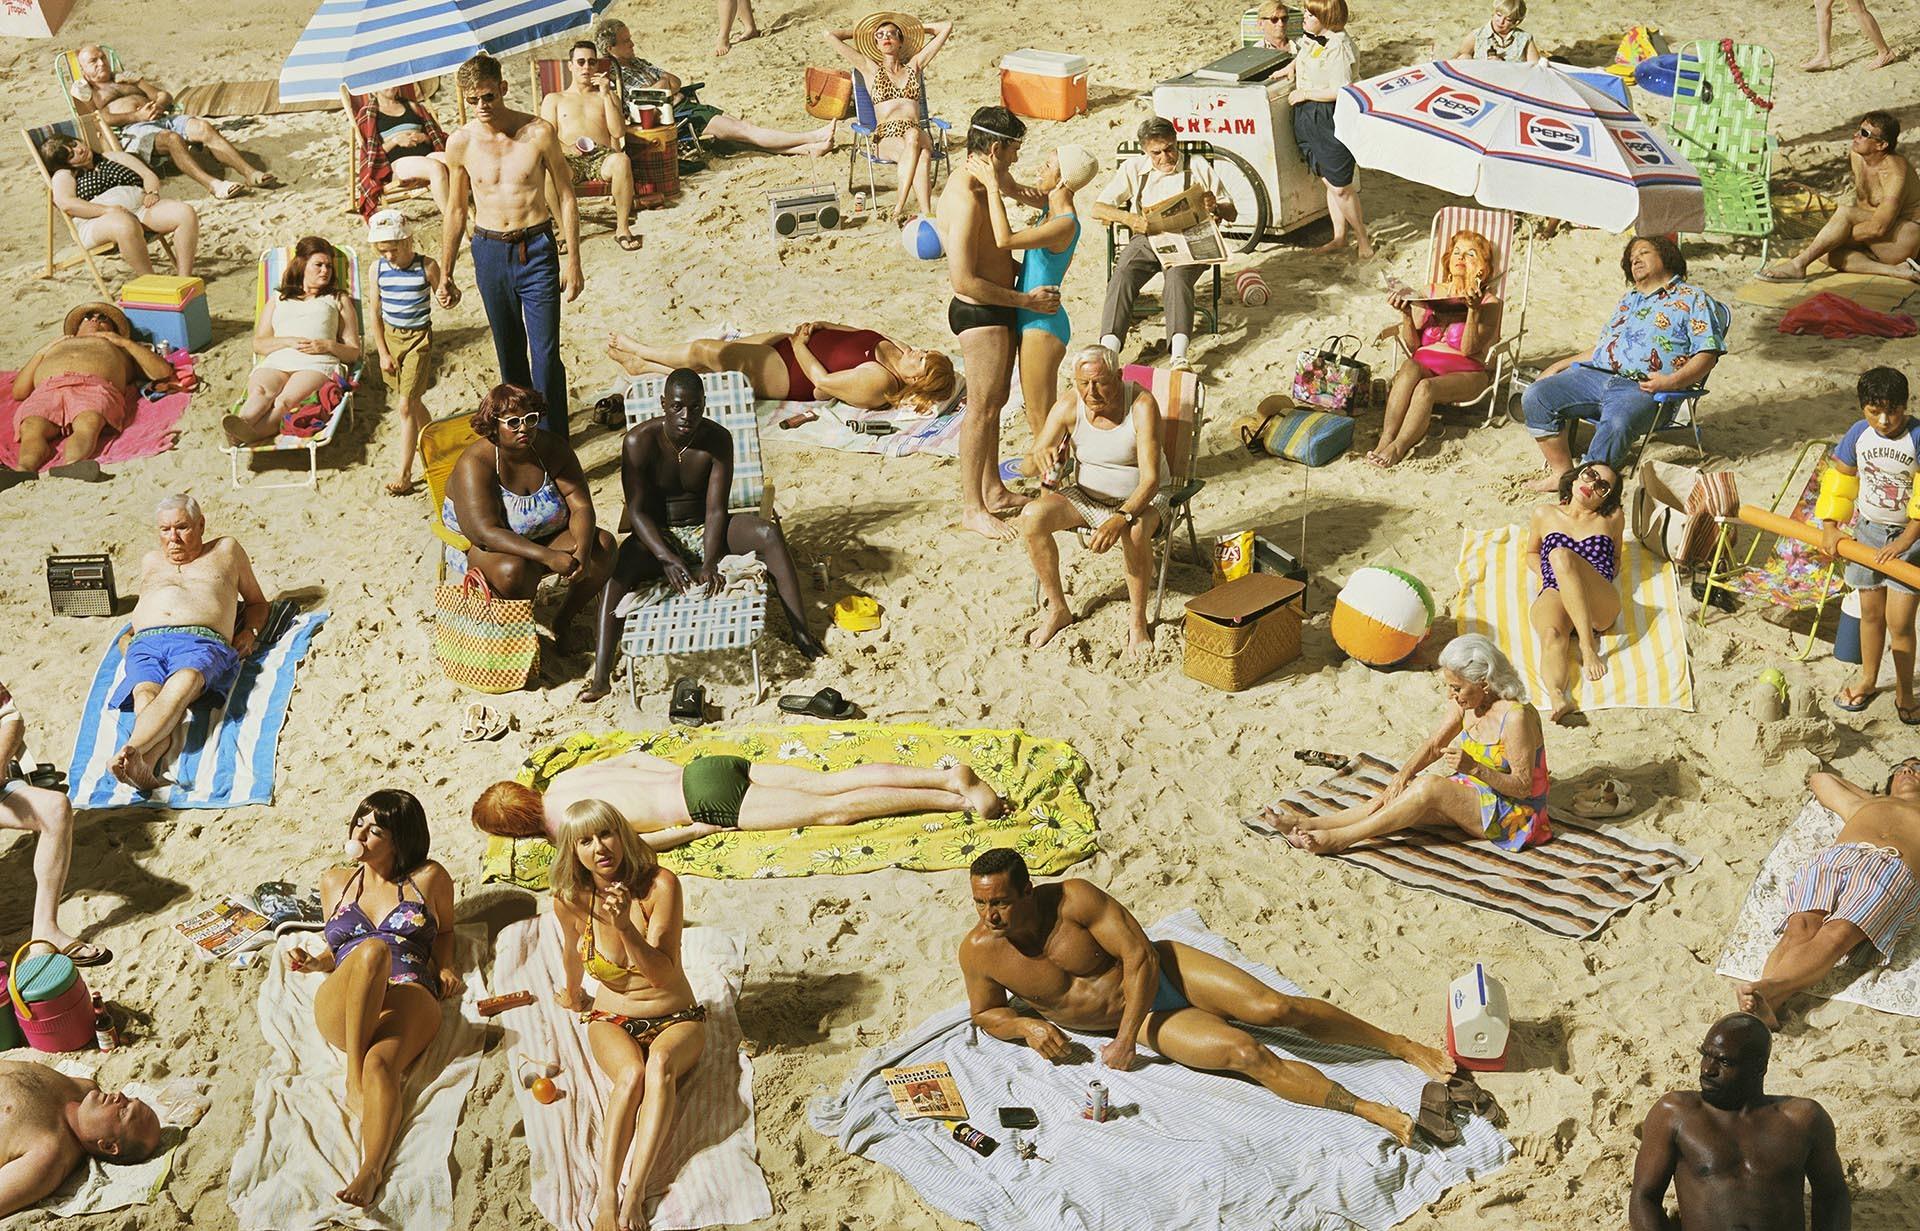 Alex Prgare peclican beach